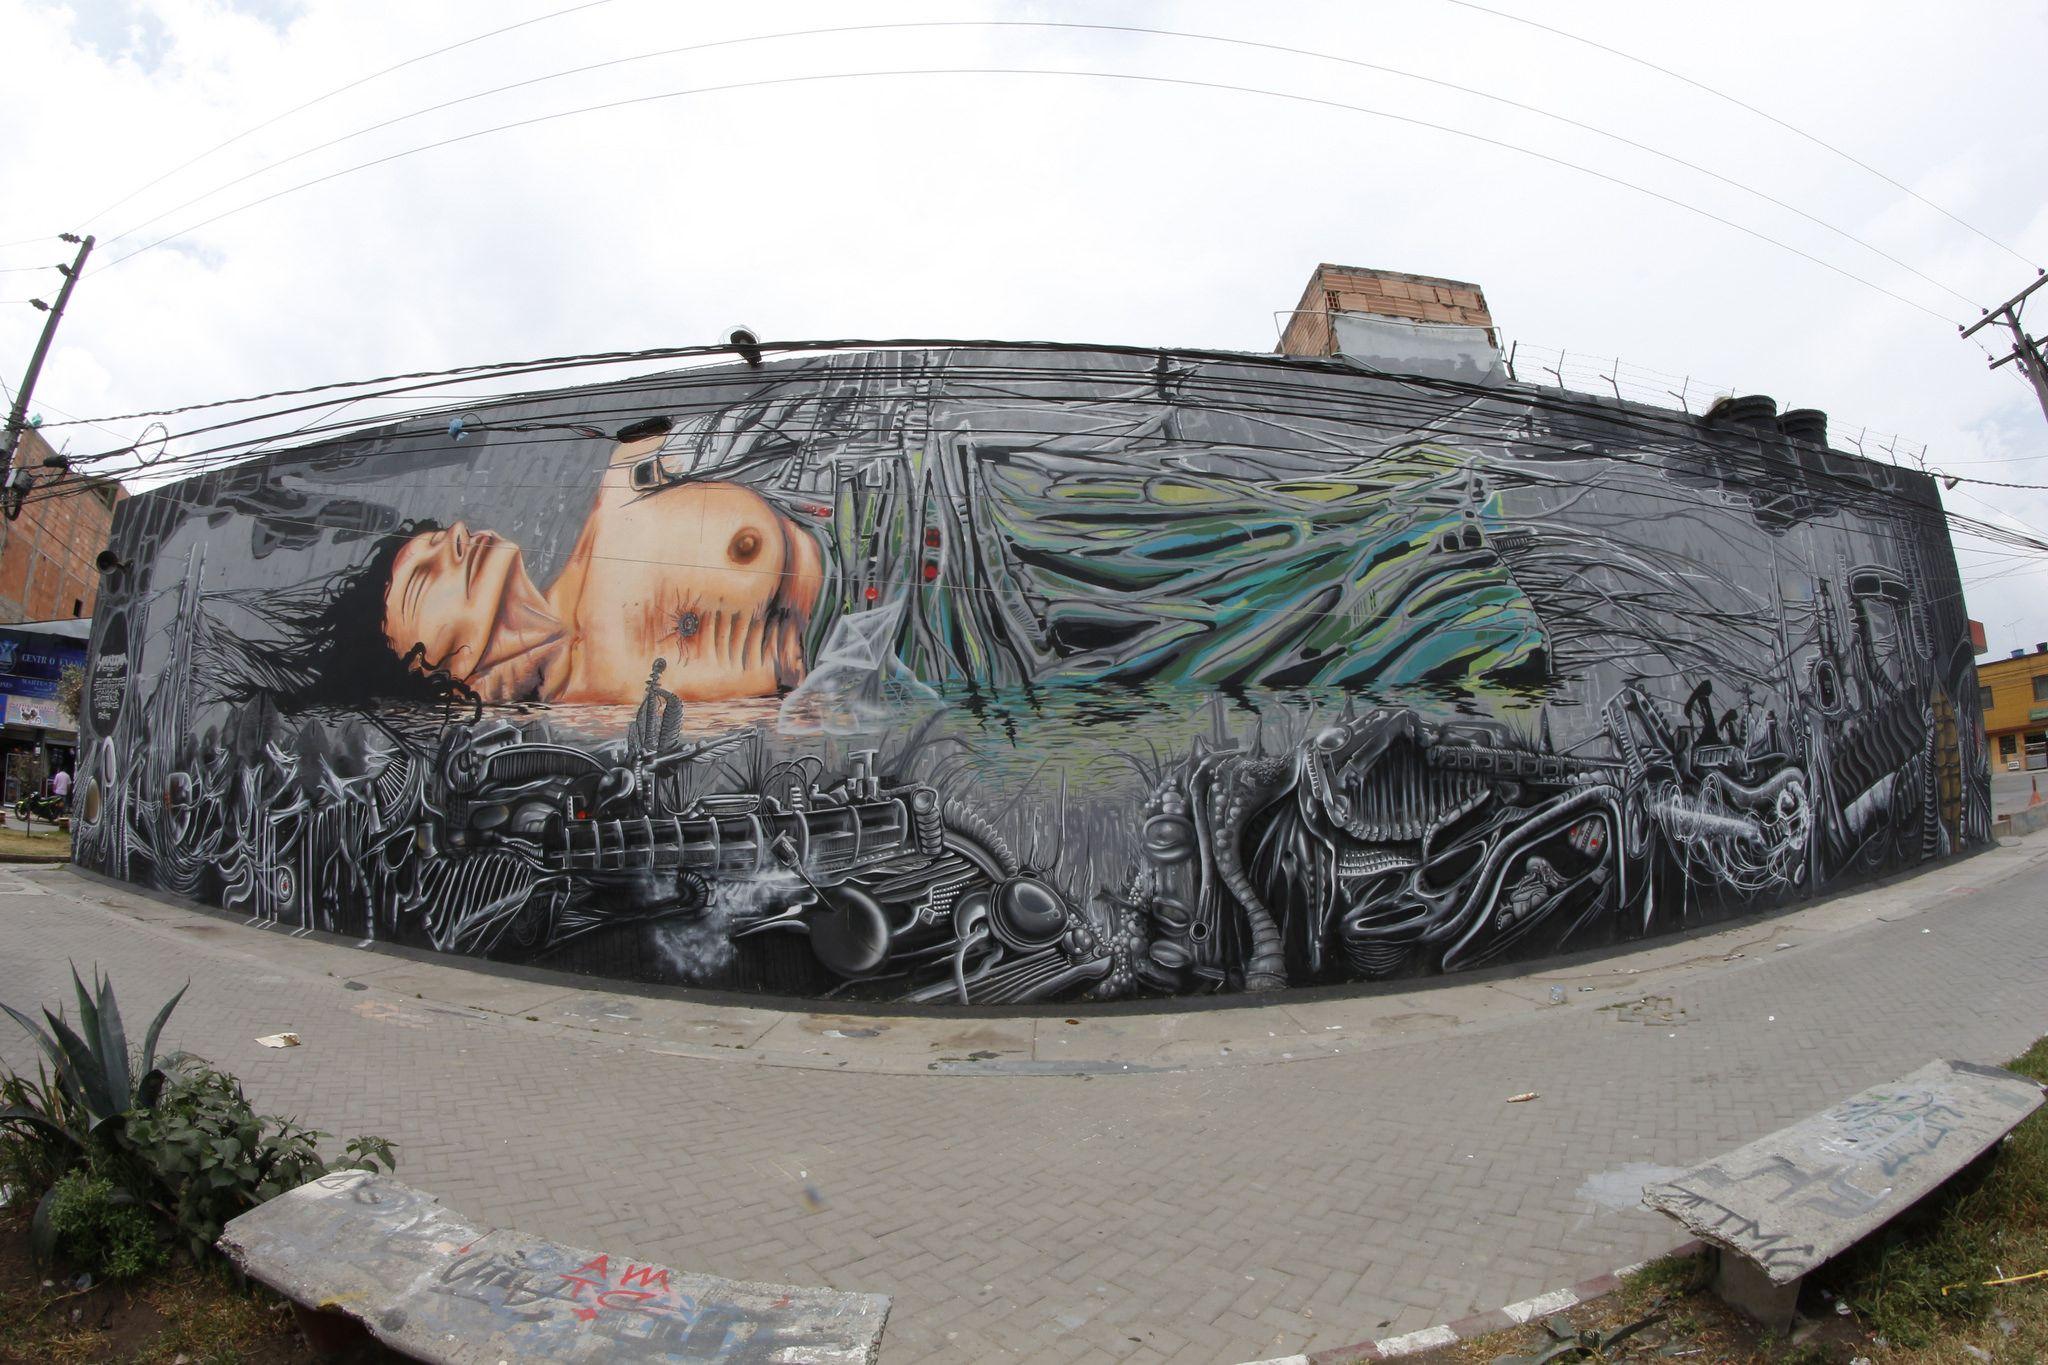 https://flic.kr/p/DrNubk   Hypercubo Anatema 0110   Intervención colectiva Anatema Crew #atmc #Infectos #Elemento #Cancha #Antrax #Vmbra Muro realizado en el Barrio #BosaCarbonell durante el 2015. Apostándole a los proyectos autogestionados e independientes desde #Bosa #SurDeBogotá #muralismo #urbanart #LatinoamericaPinta #streetart #BiomechanicArt #Cyberpunk #Giger #TheHiddenSpectre #ArteSurrealista #Tekné #Ai #Escenarios ------------------------------------------- Sinapsis:  Hoy, más que…